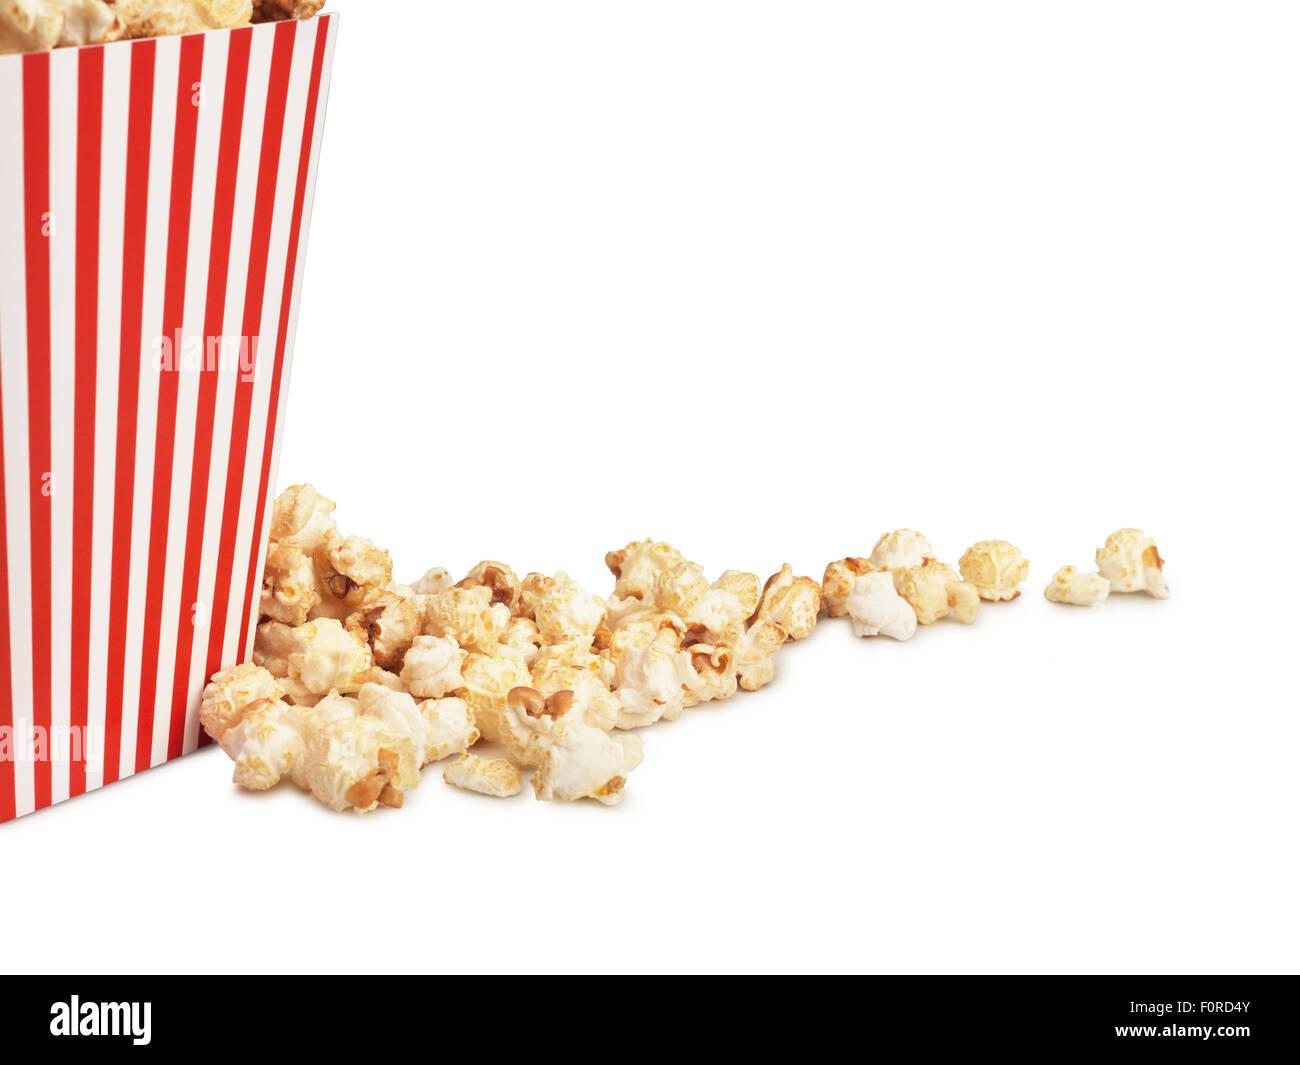 Colpo di stile cinema popcorn nella casella su sfondo bianco con copia spazio per il progettista. Foto Stock